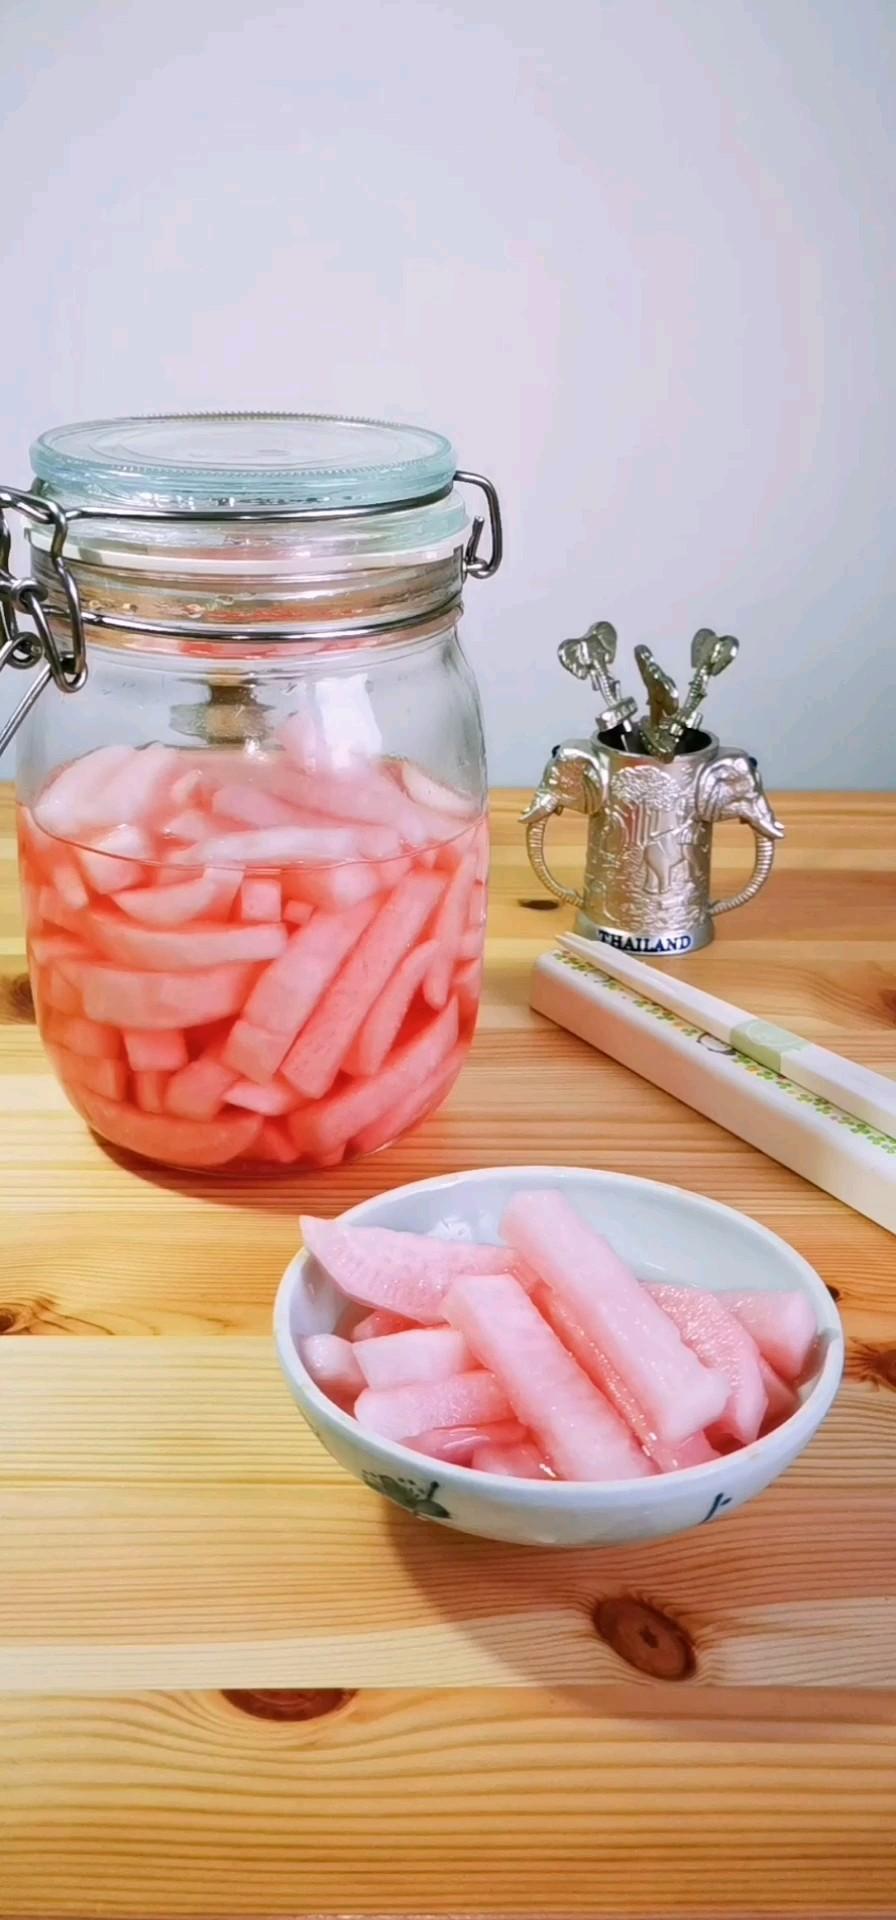 春天里要做好看的泡菜—胭脂萝卜